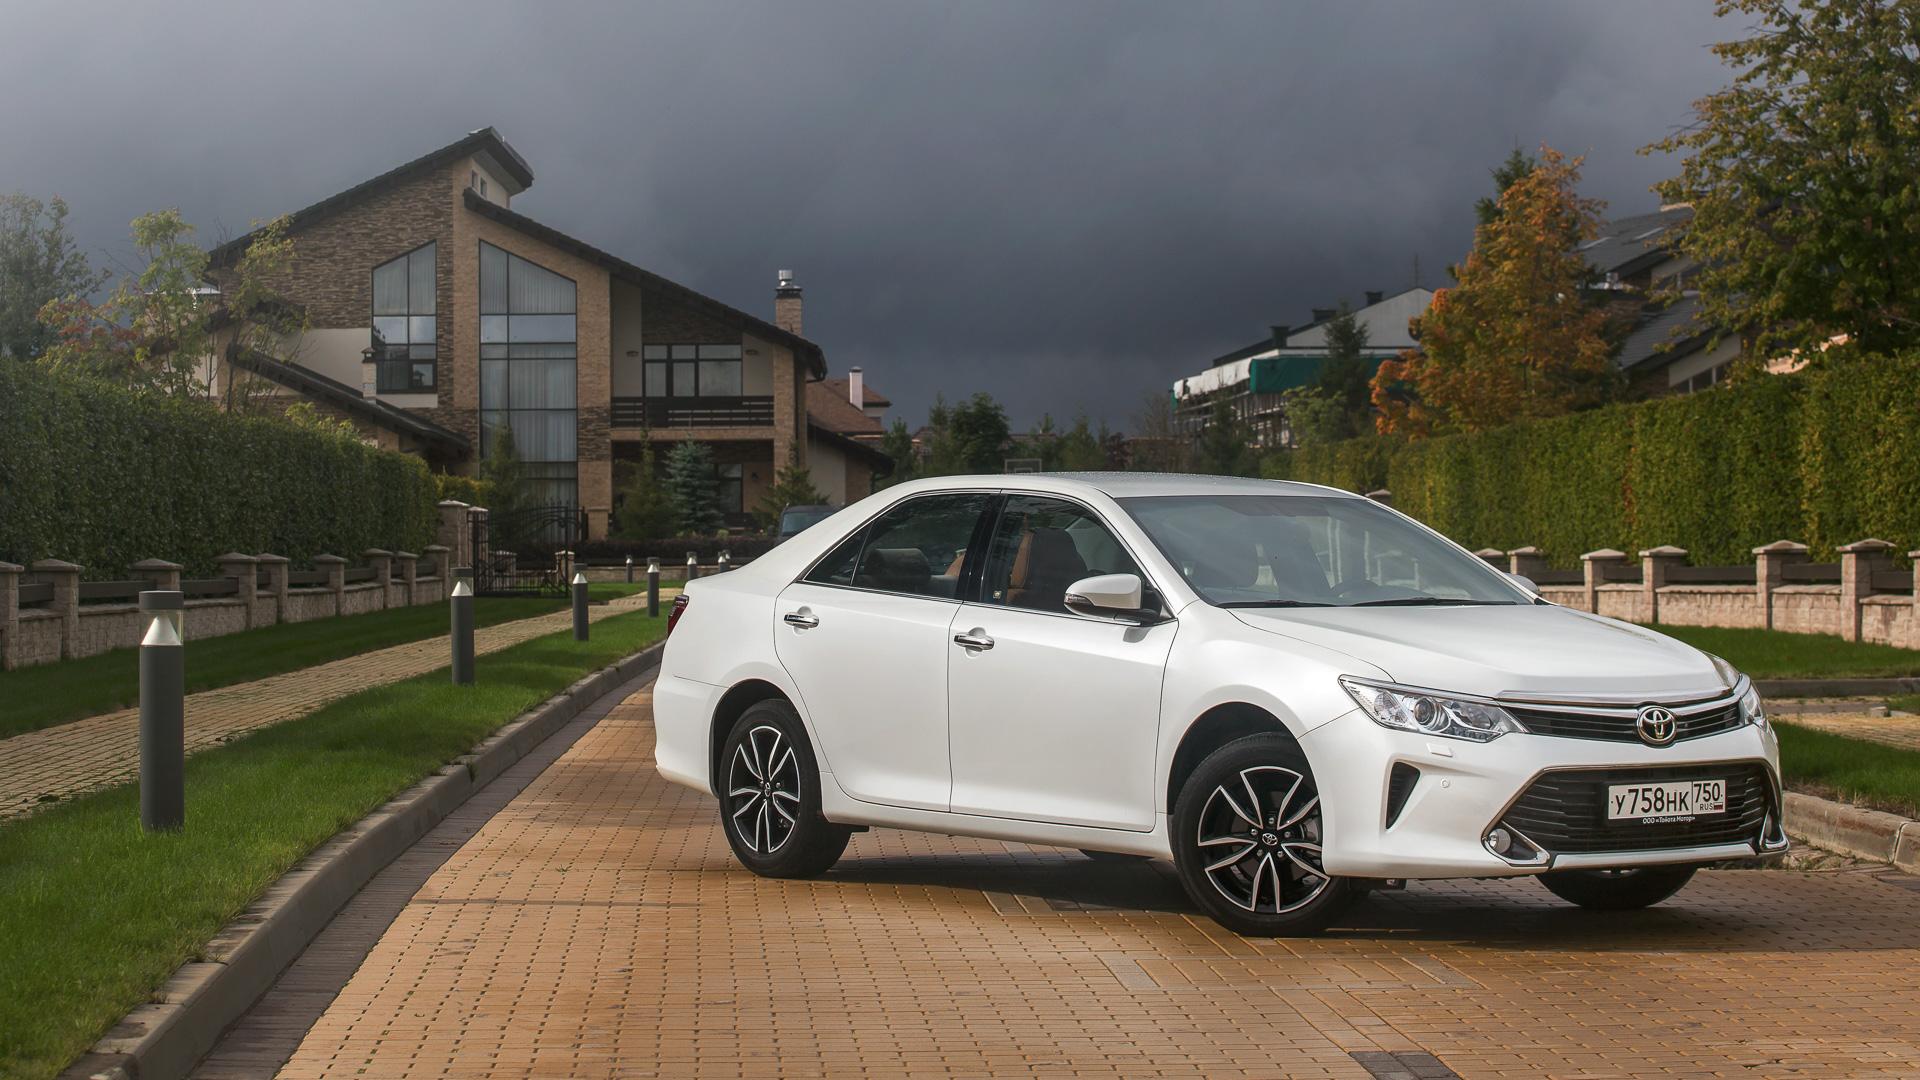 Длительный тест Toyota Camry с«Яндекс. Навигатором»: часть первая. Фото 3